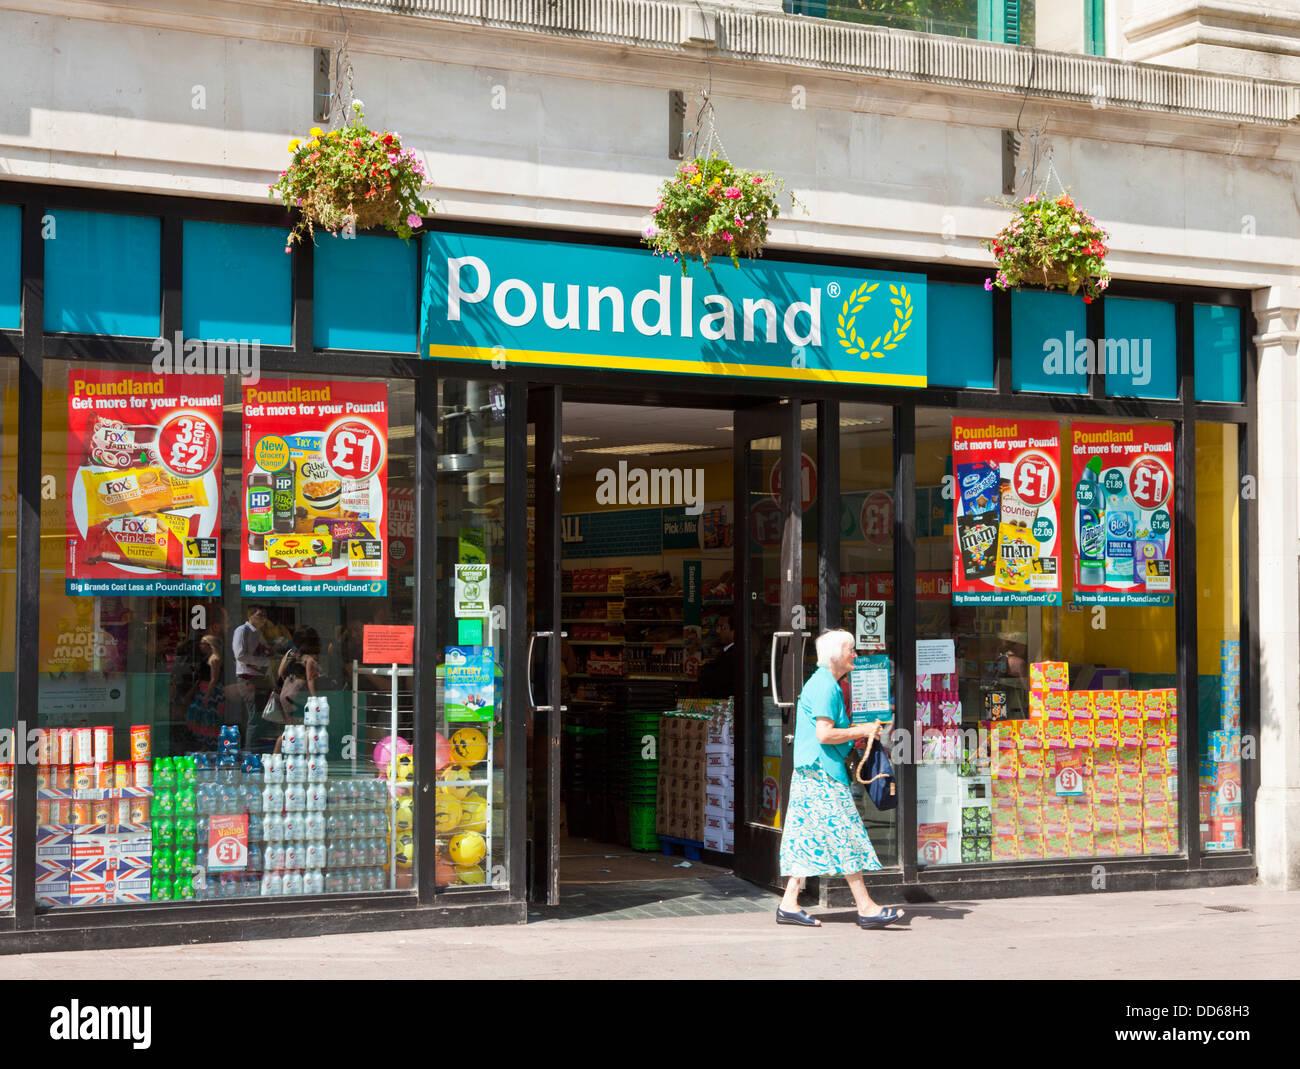 Dejando a un pensionista Poundland shop el centro de la ciudad de Cardiff South Glamorgan Sur de Gales GB REINO Foto de stock